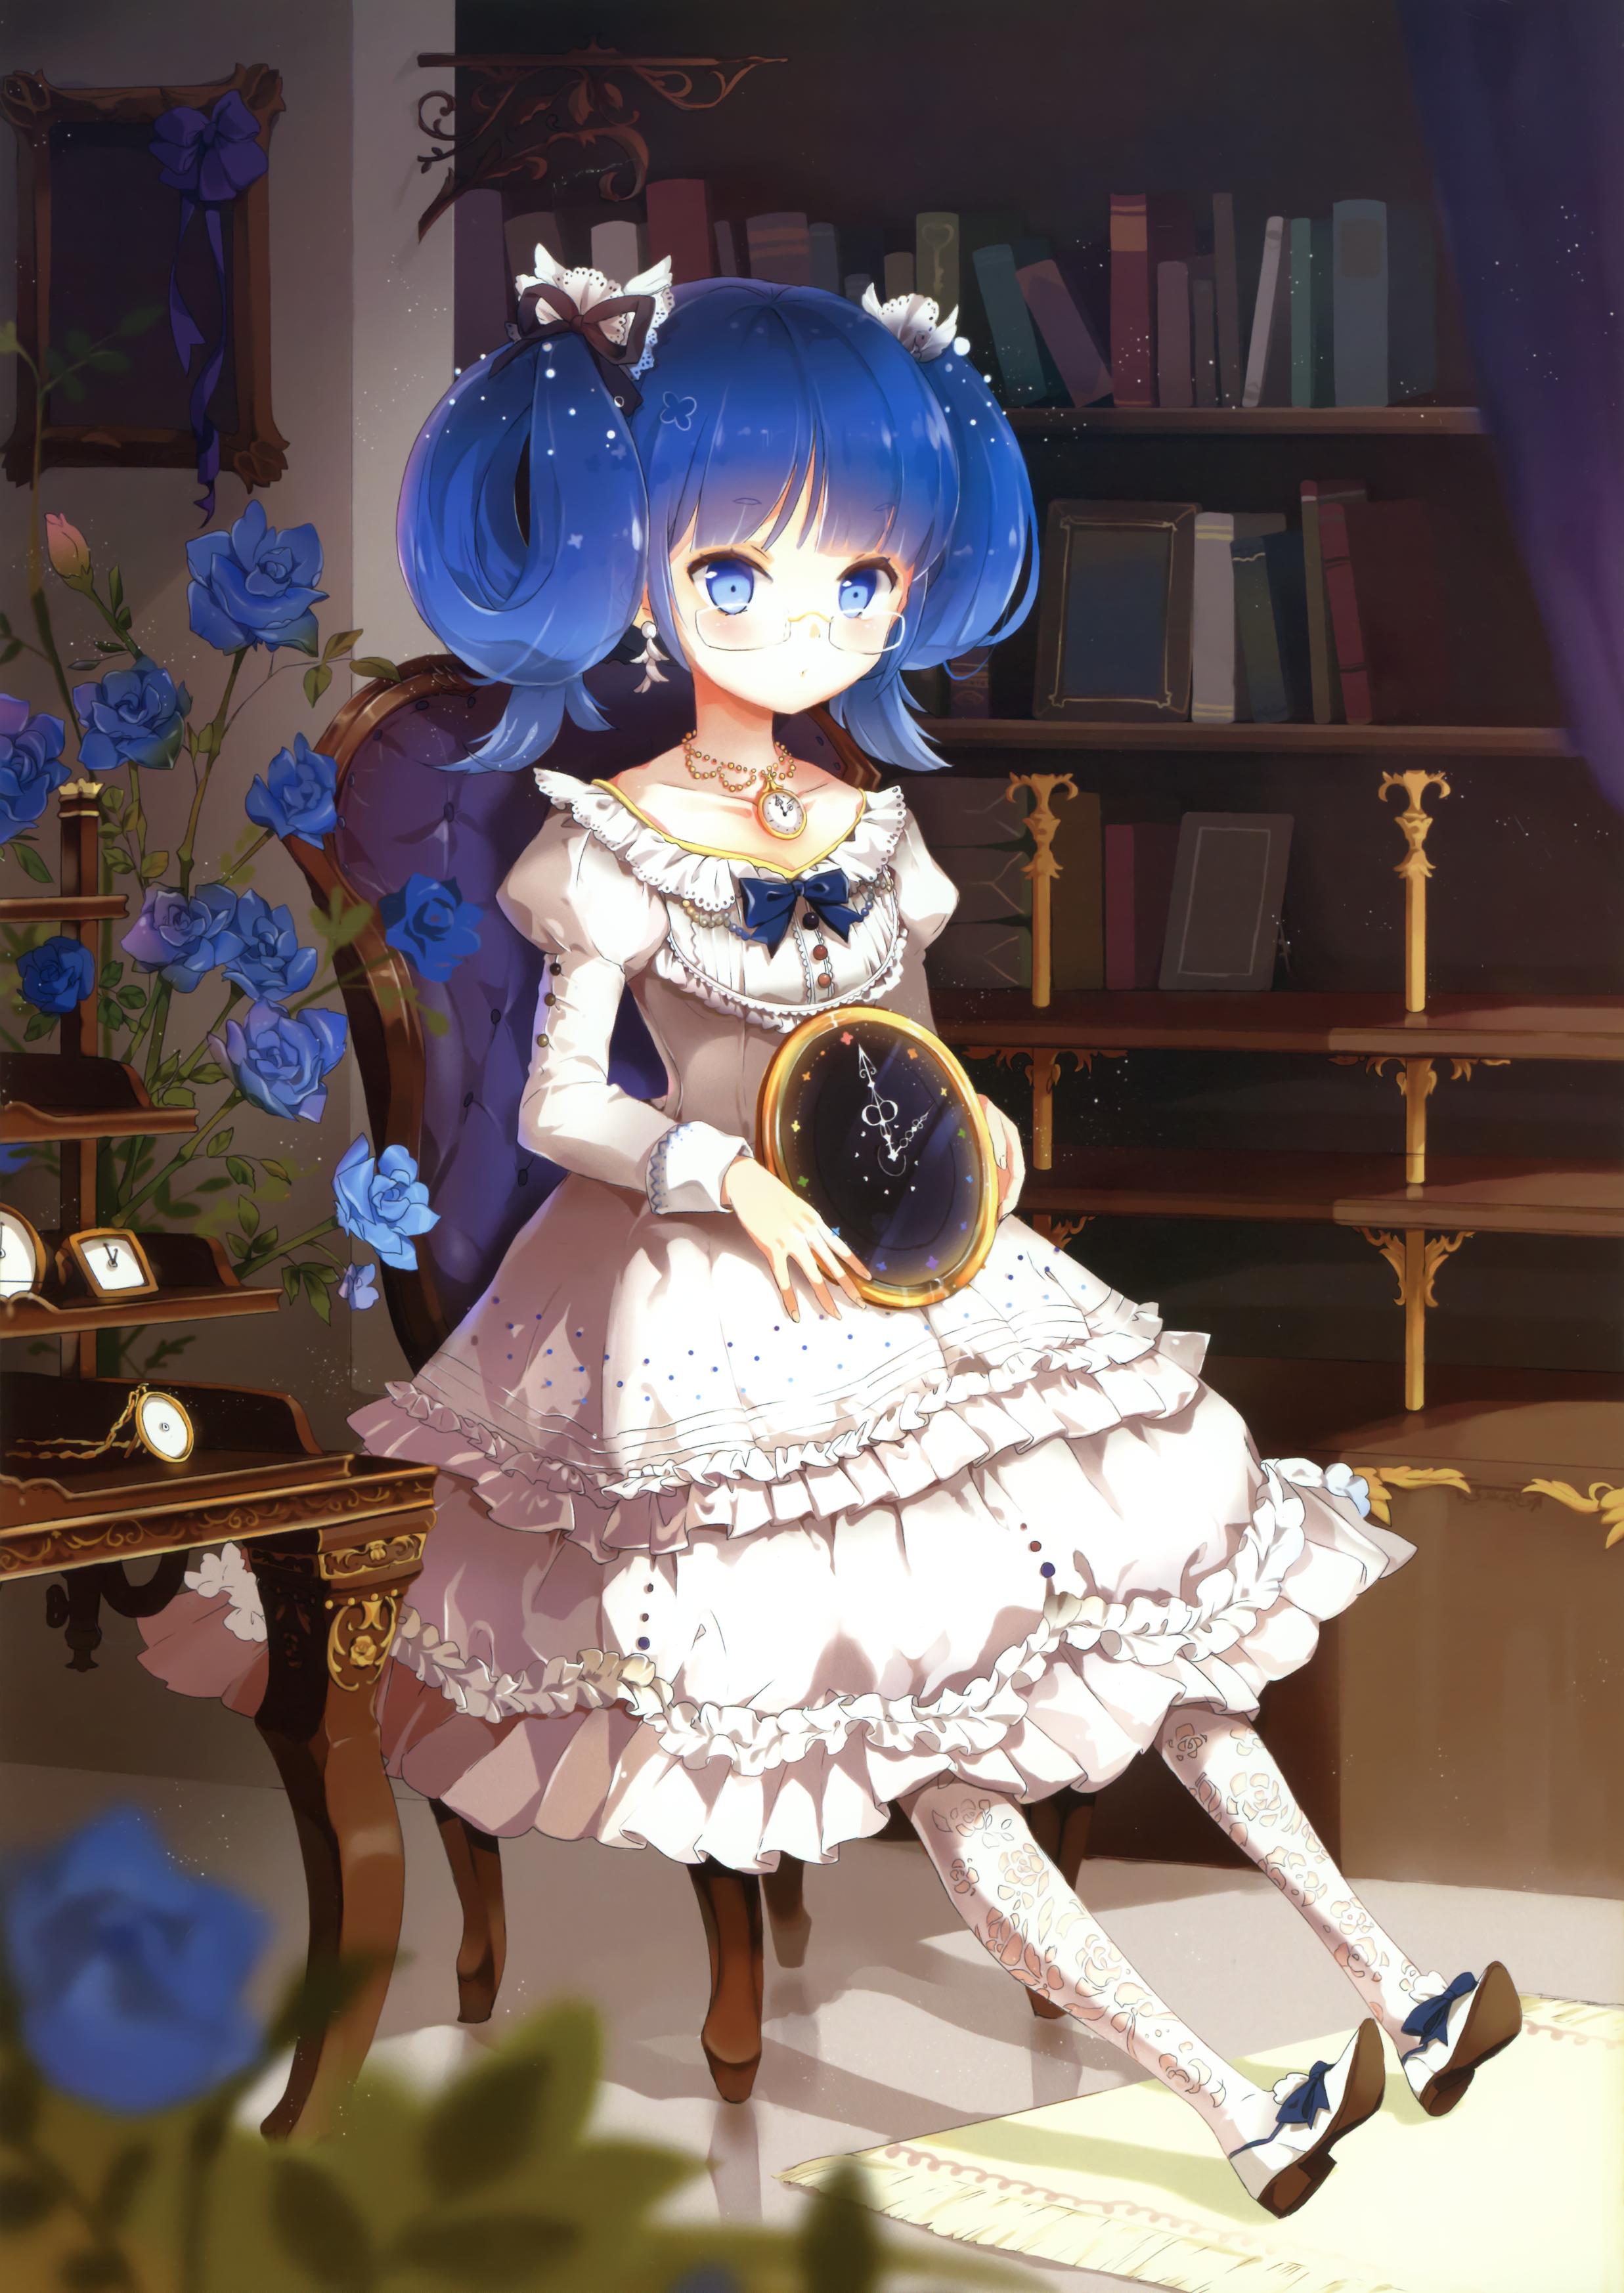 青い髪の女の子5【青髪同盟】 ->画像>3000枚